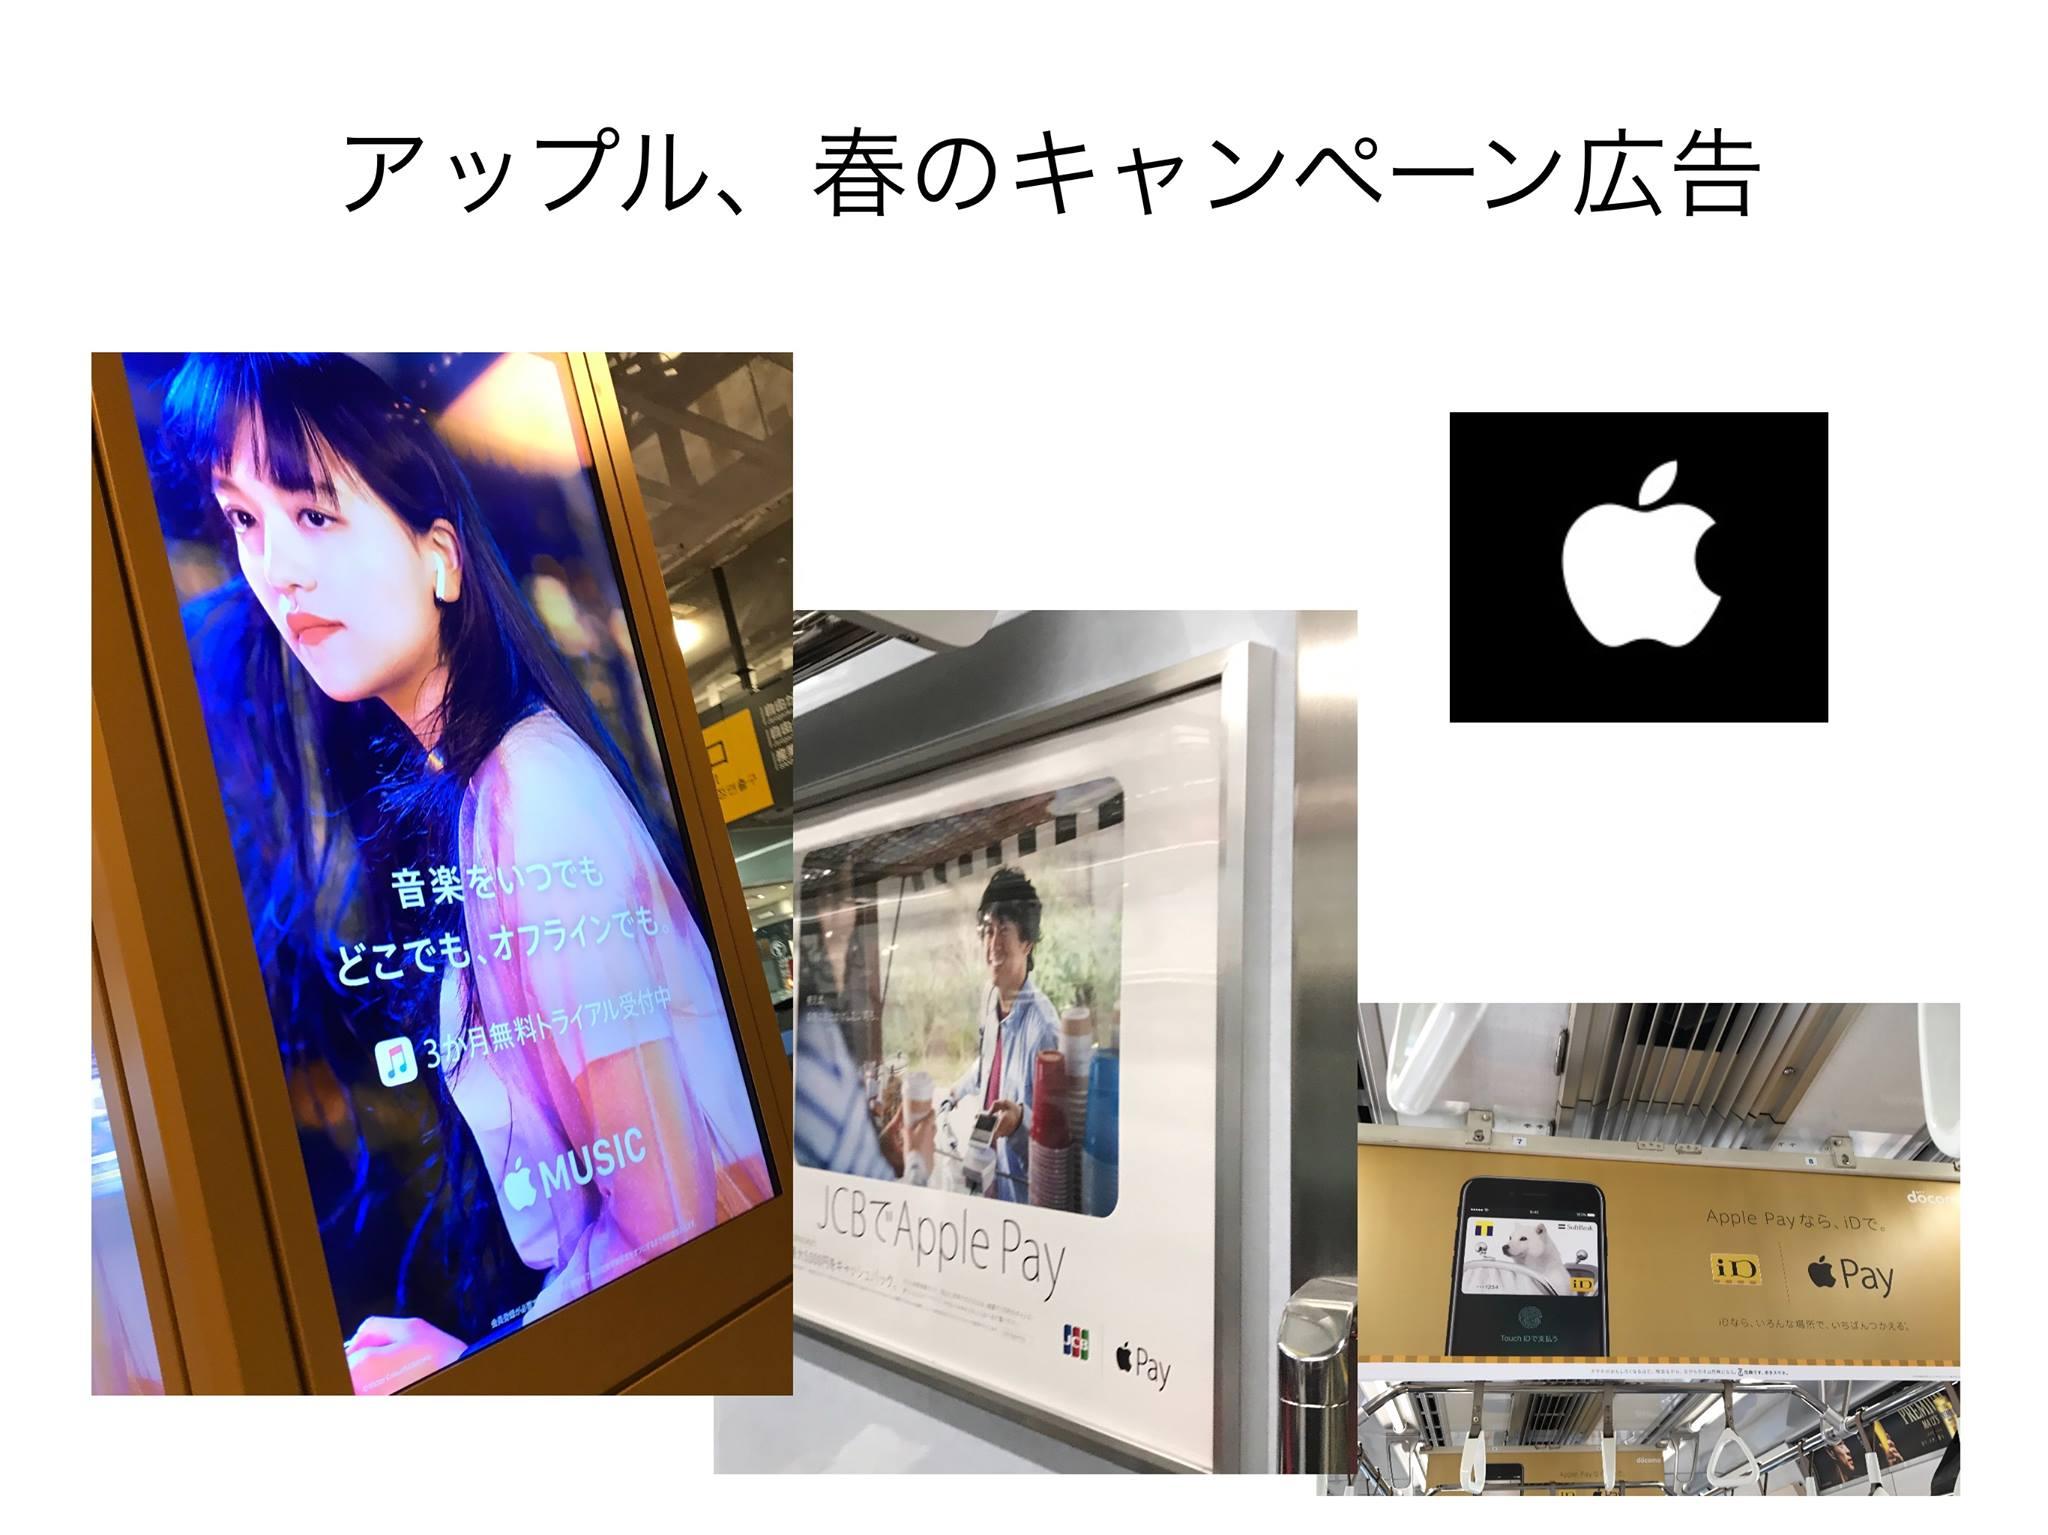 Apple春の広告キャンペーン